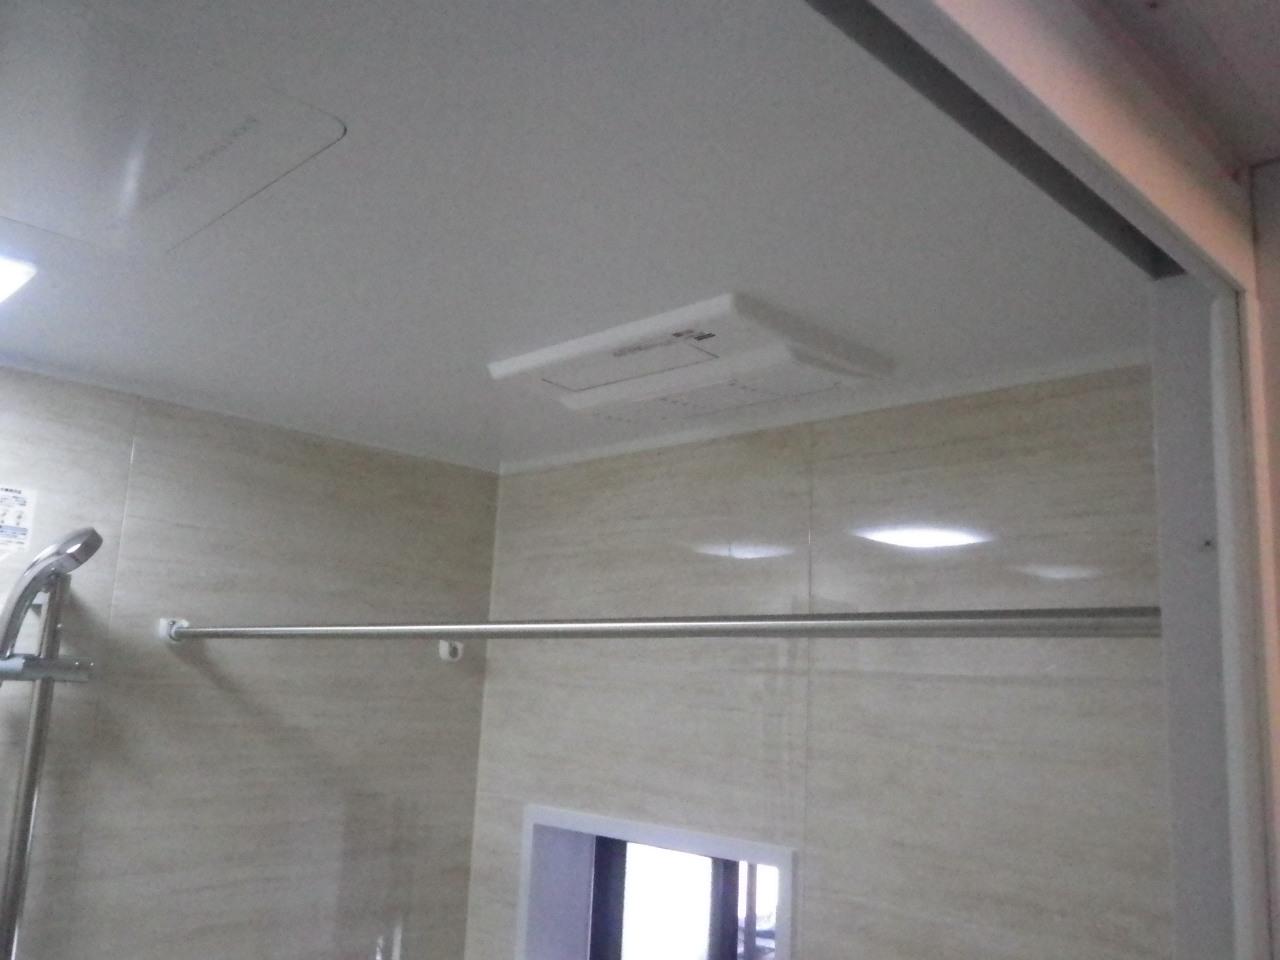 天井埋込タイプのガス温水浴室暖房乾燥機は冬寒い多治見には必須アイテムです。ユニットバスを新しくするのを機に壁掛けタイプから変更されました。